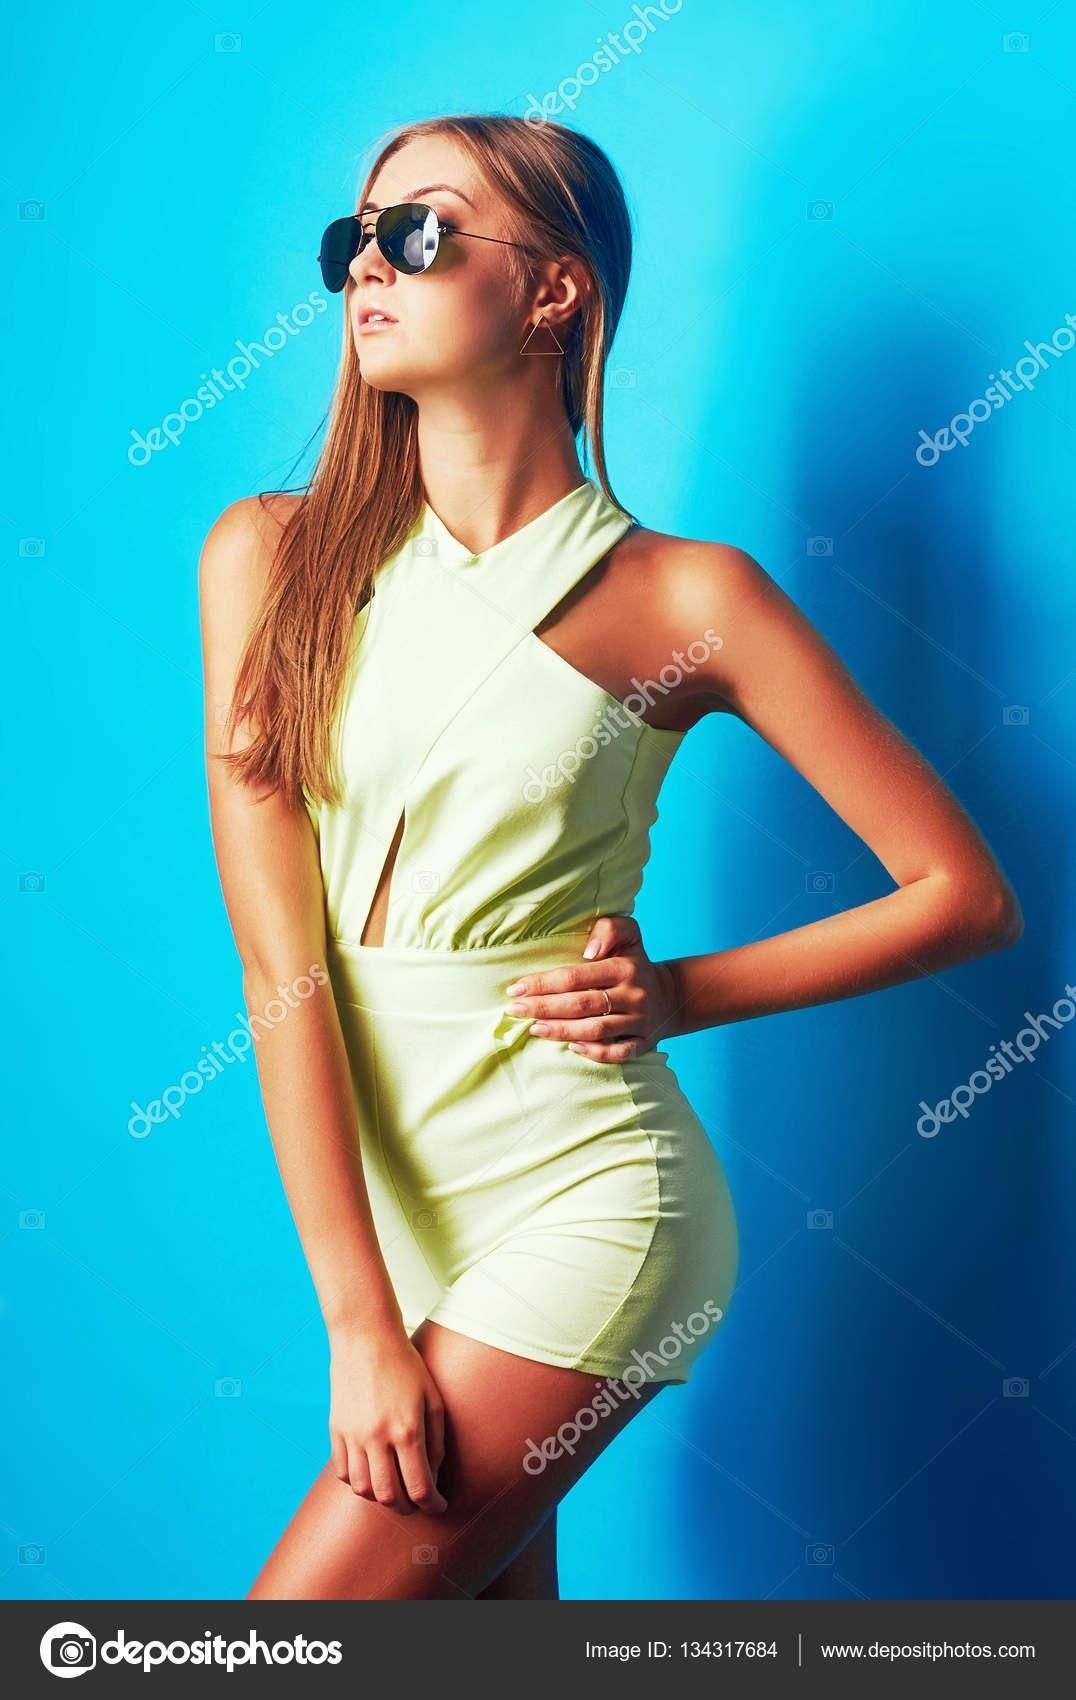 13 Einzigartig Schöne Kleider Für Junge Frauen GalerieFormal Ausgezeichnet Schöne Kleider Für Junge Frauen Bester Preis